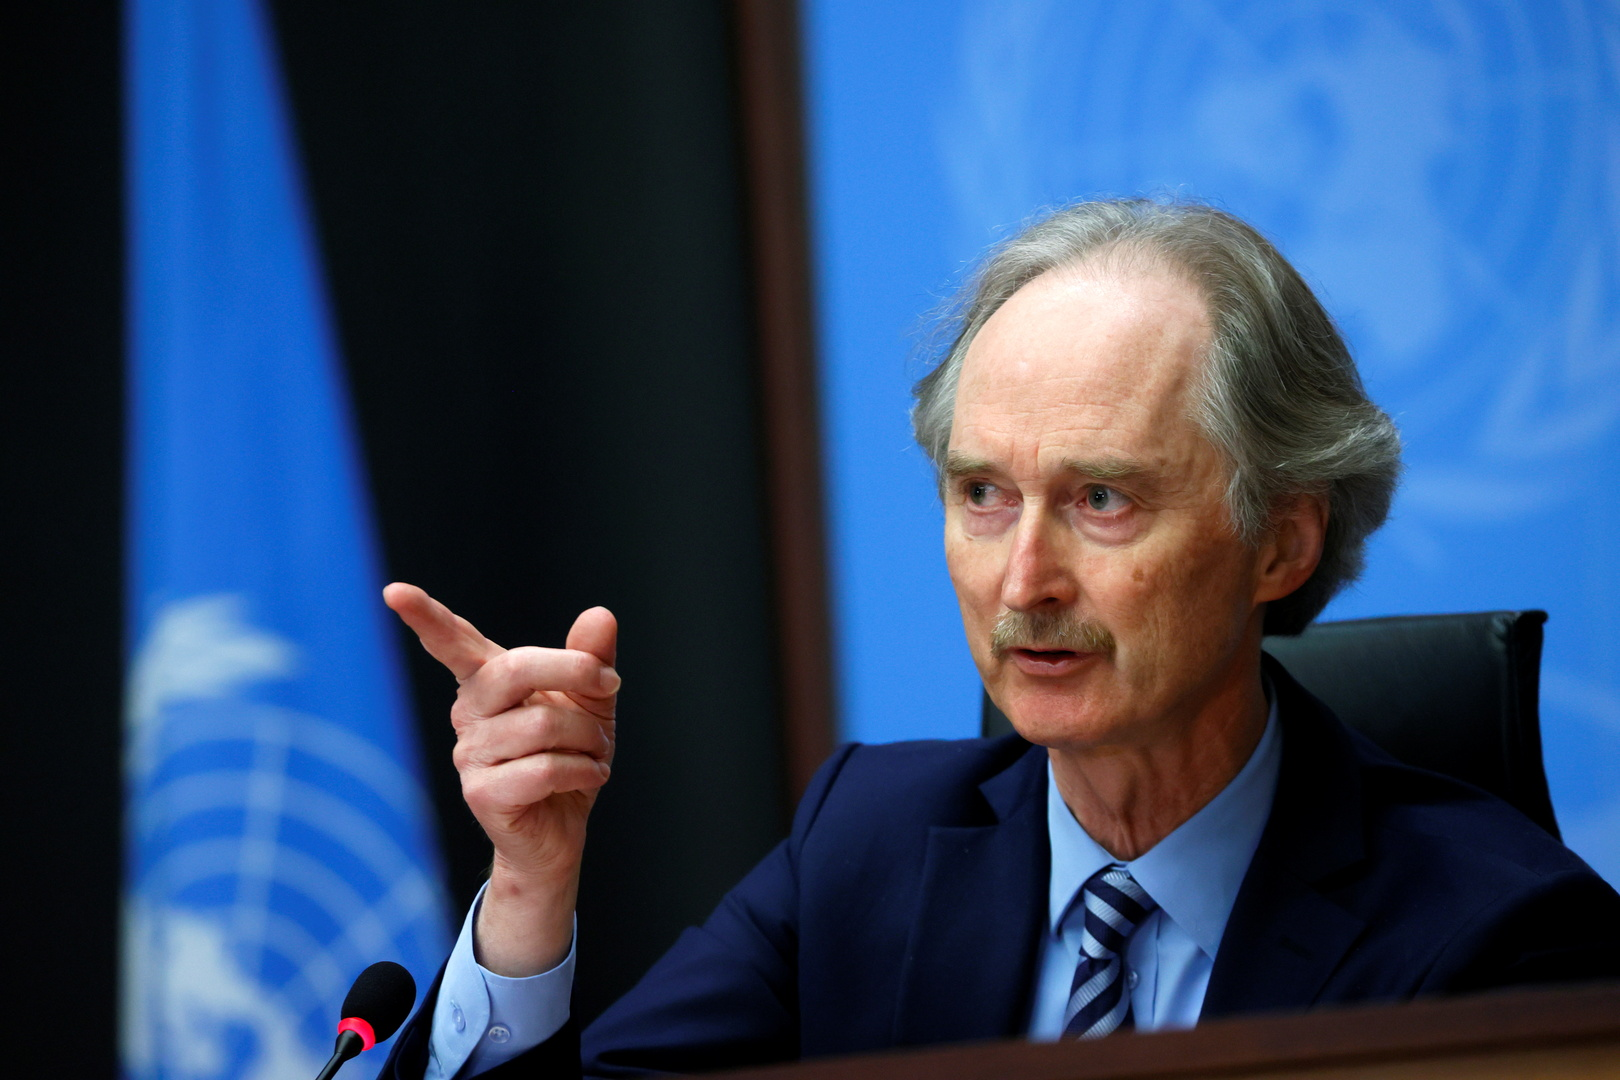 غير بيدرسون، المبعوث الأمم إلى سوريا